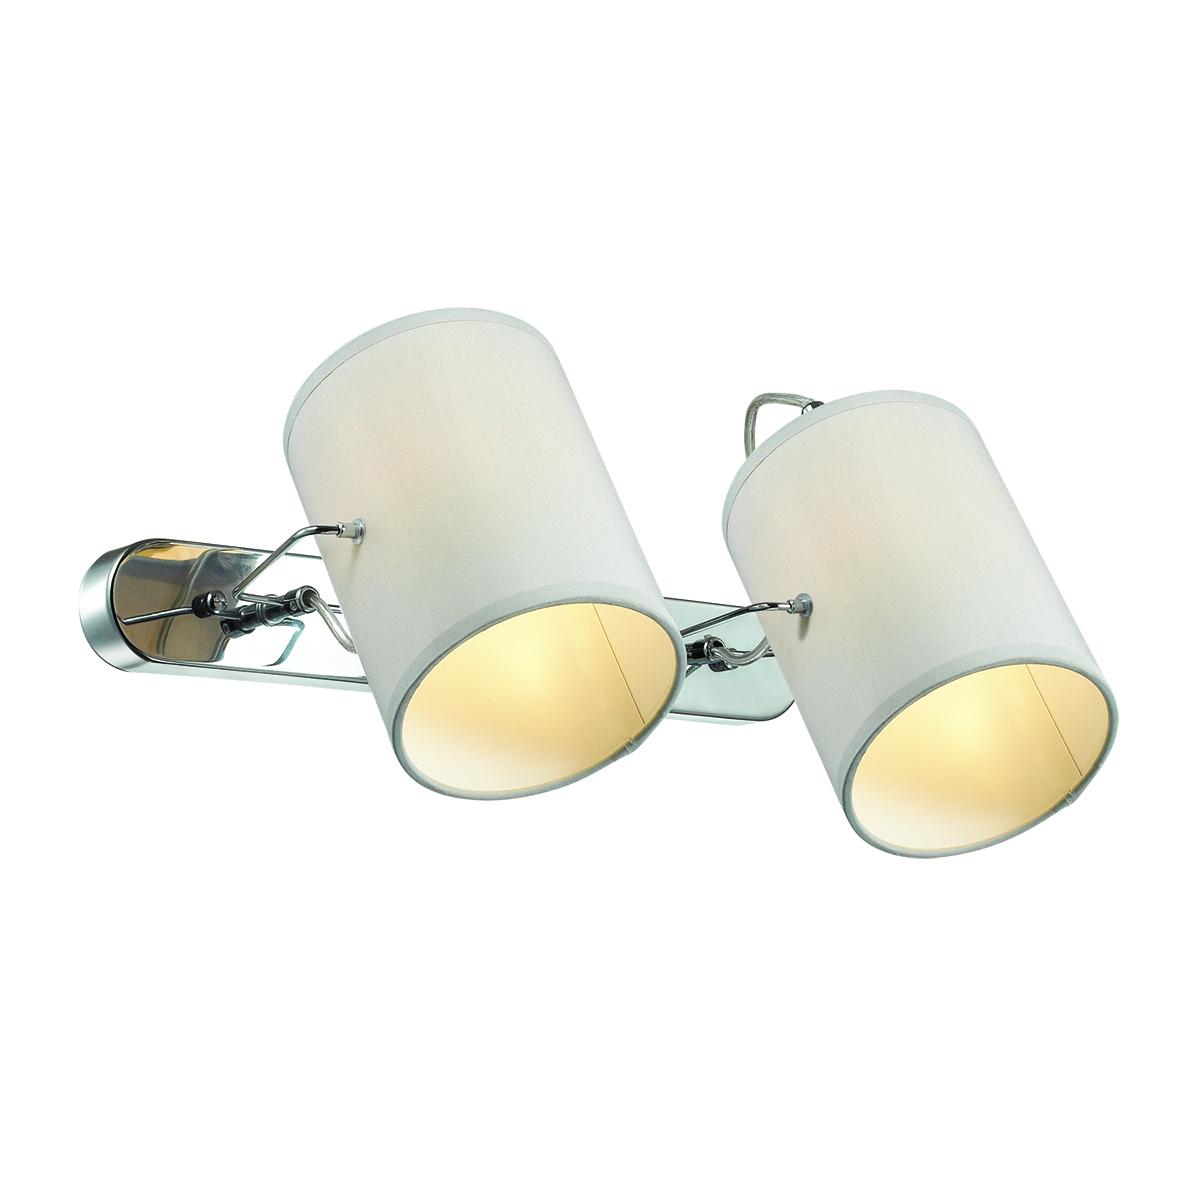 Потолочный светильник с регулировкой направления света Lumion Visario 3522/2W, 2xE14x40W, хром, серый, металл, текстиль - фото 1